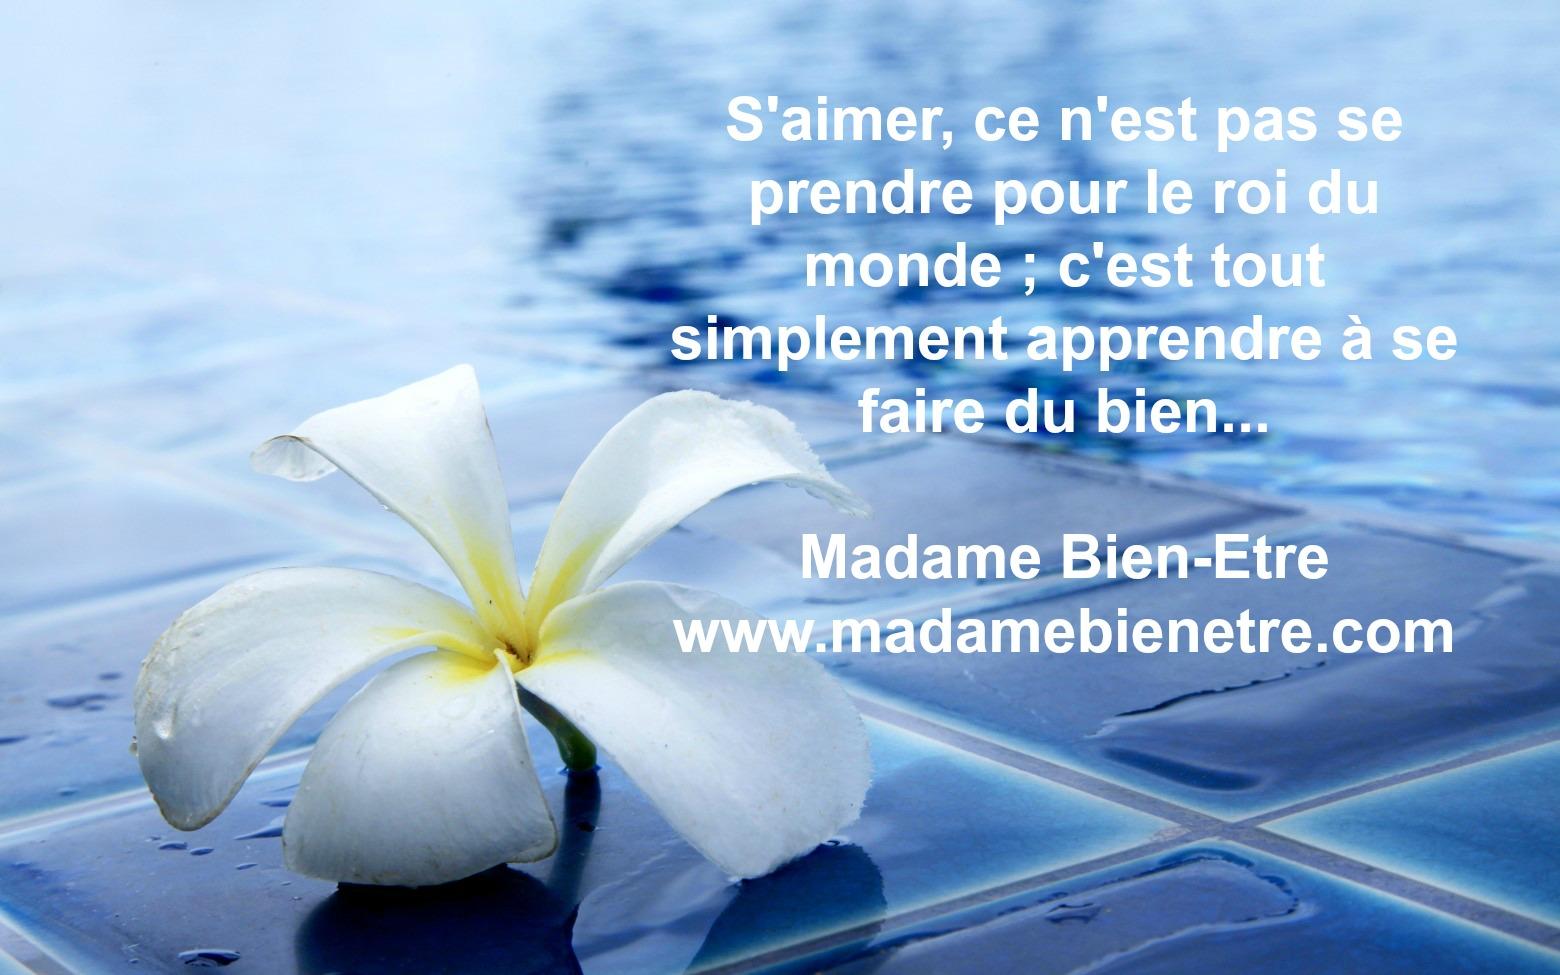 Saimer